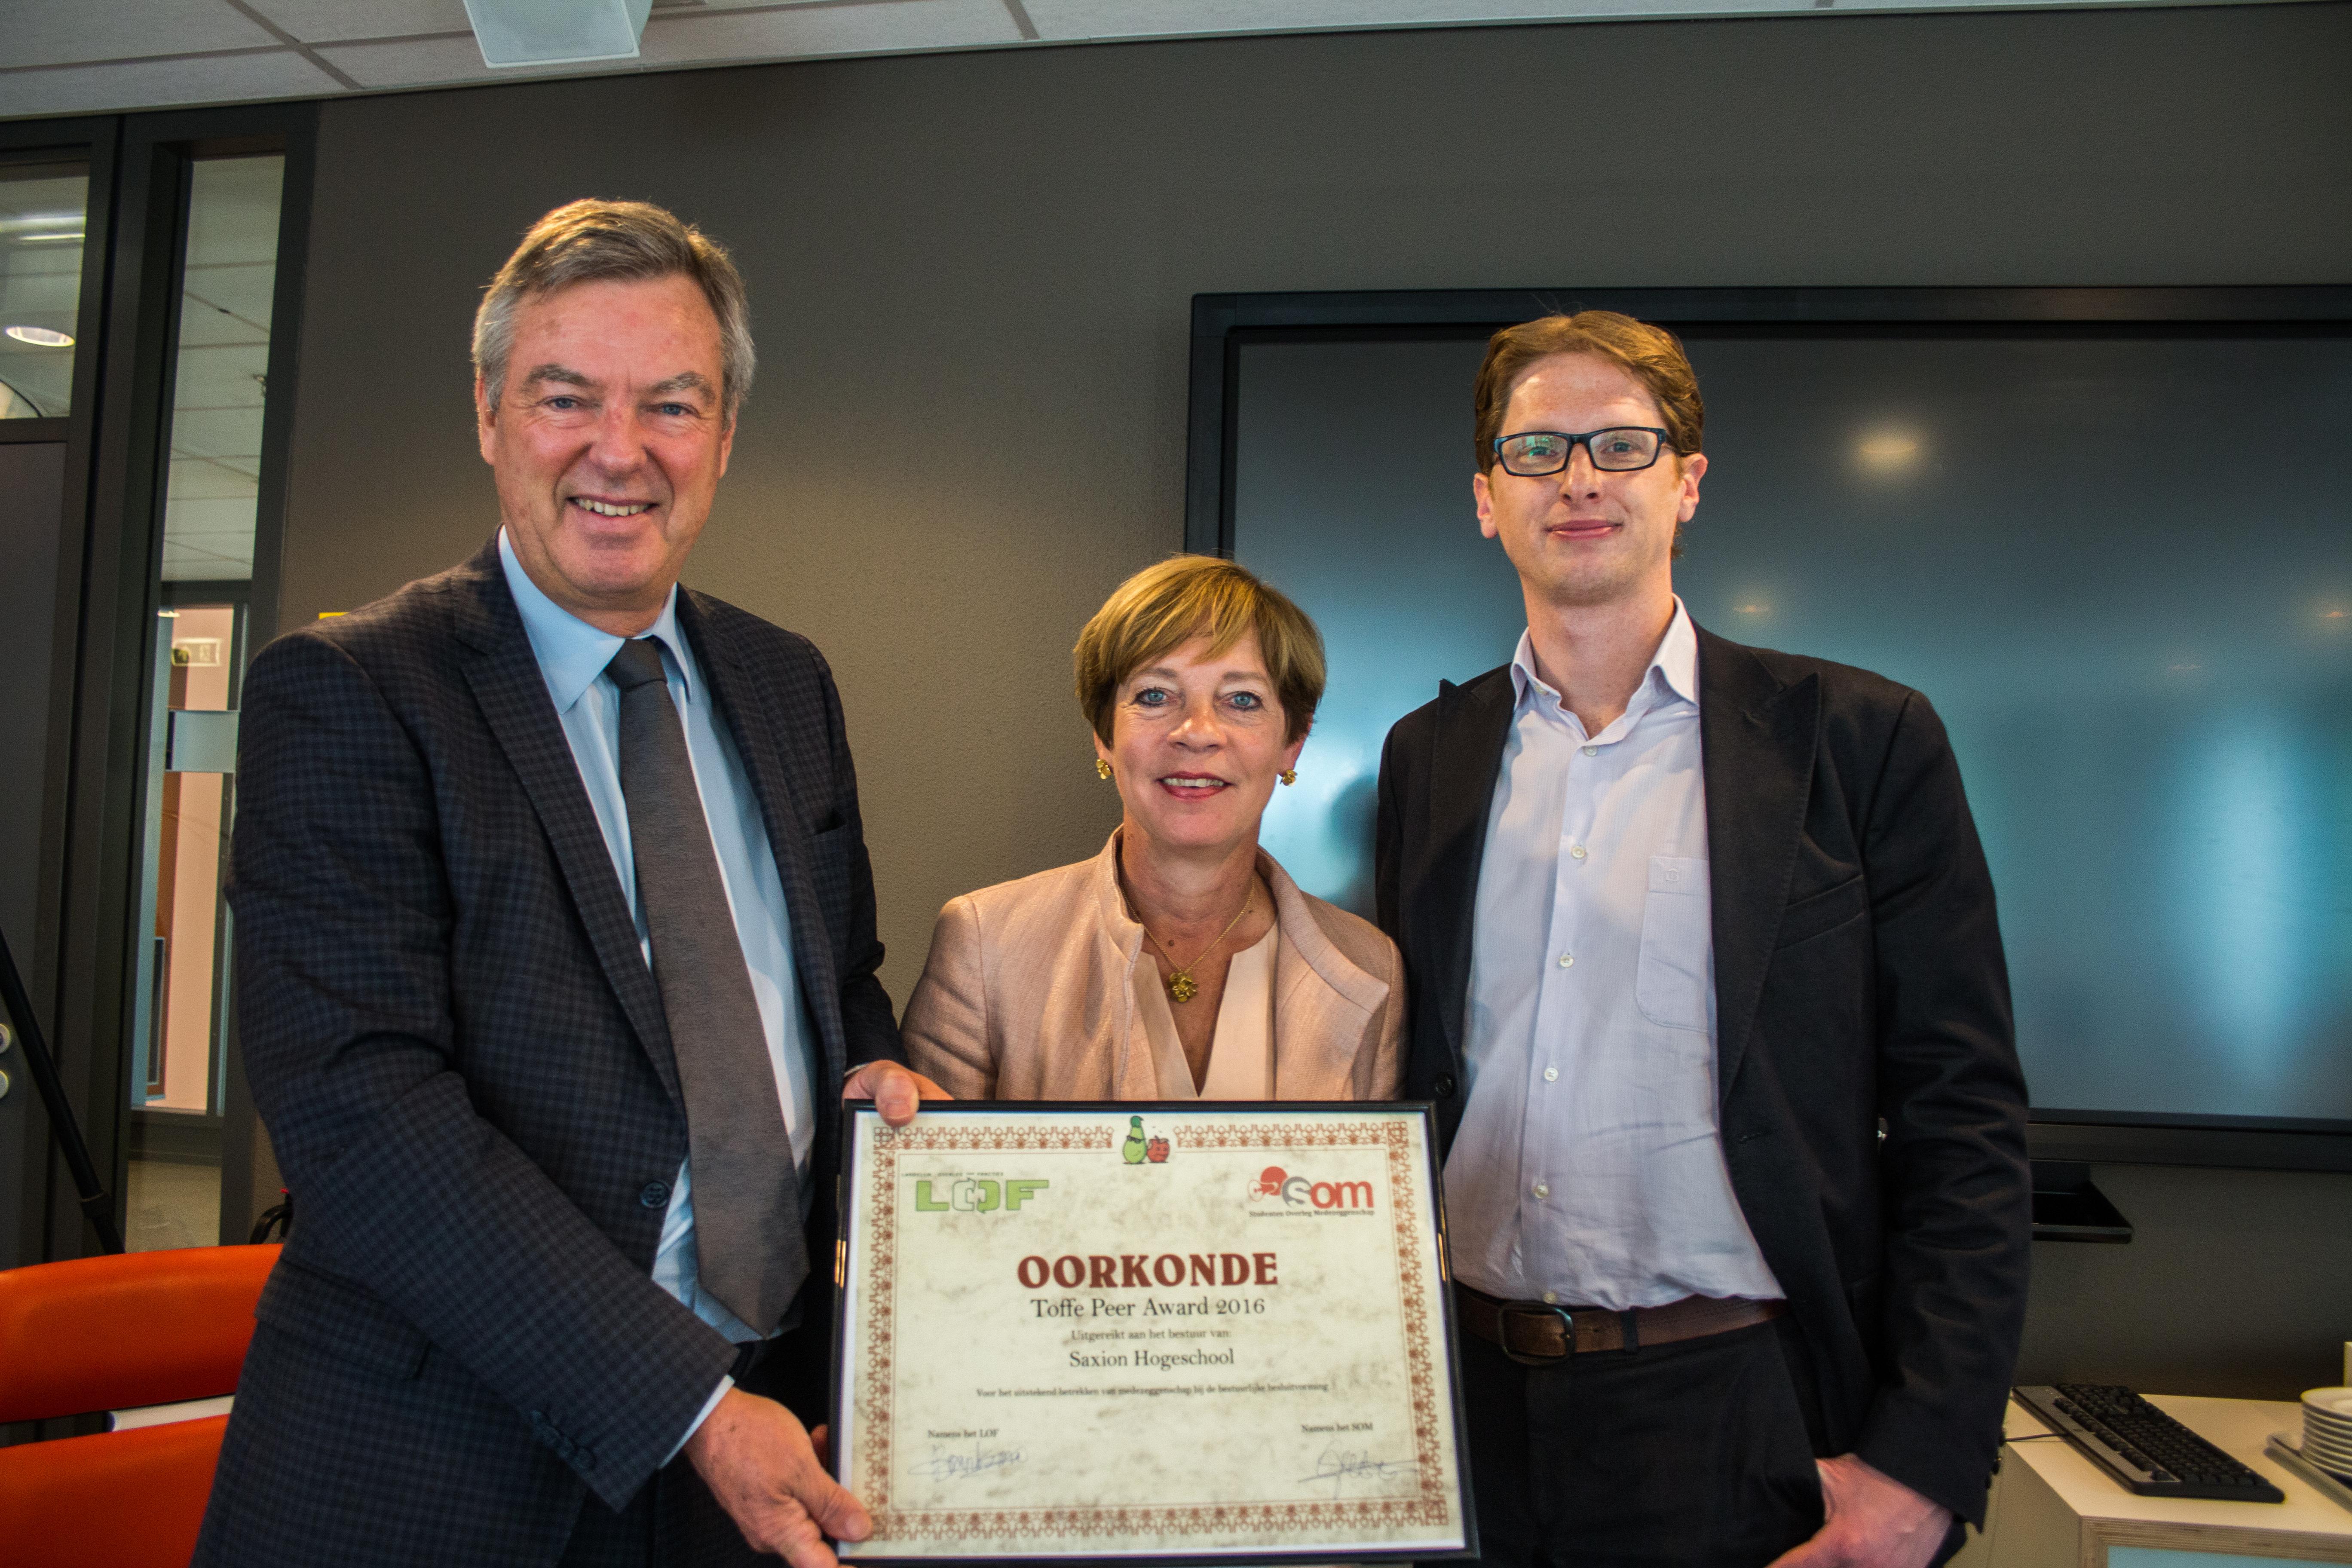 Fruitige medezeggenschapsawards uitgereikt: Saxion verdient Toffe Peer, HU krijgt Rotte Appel